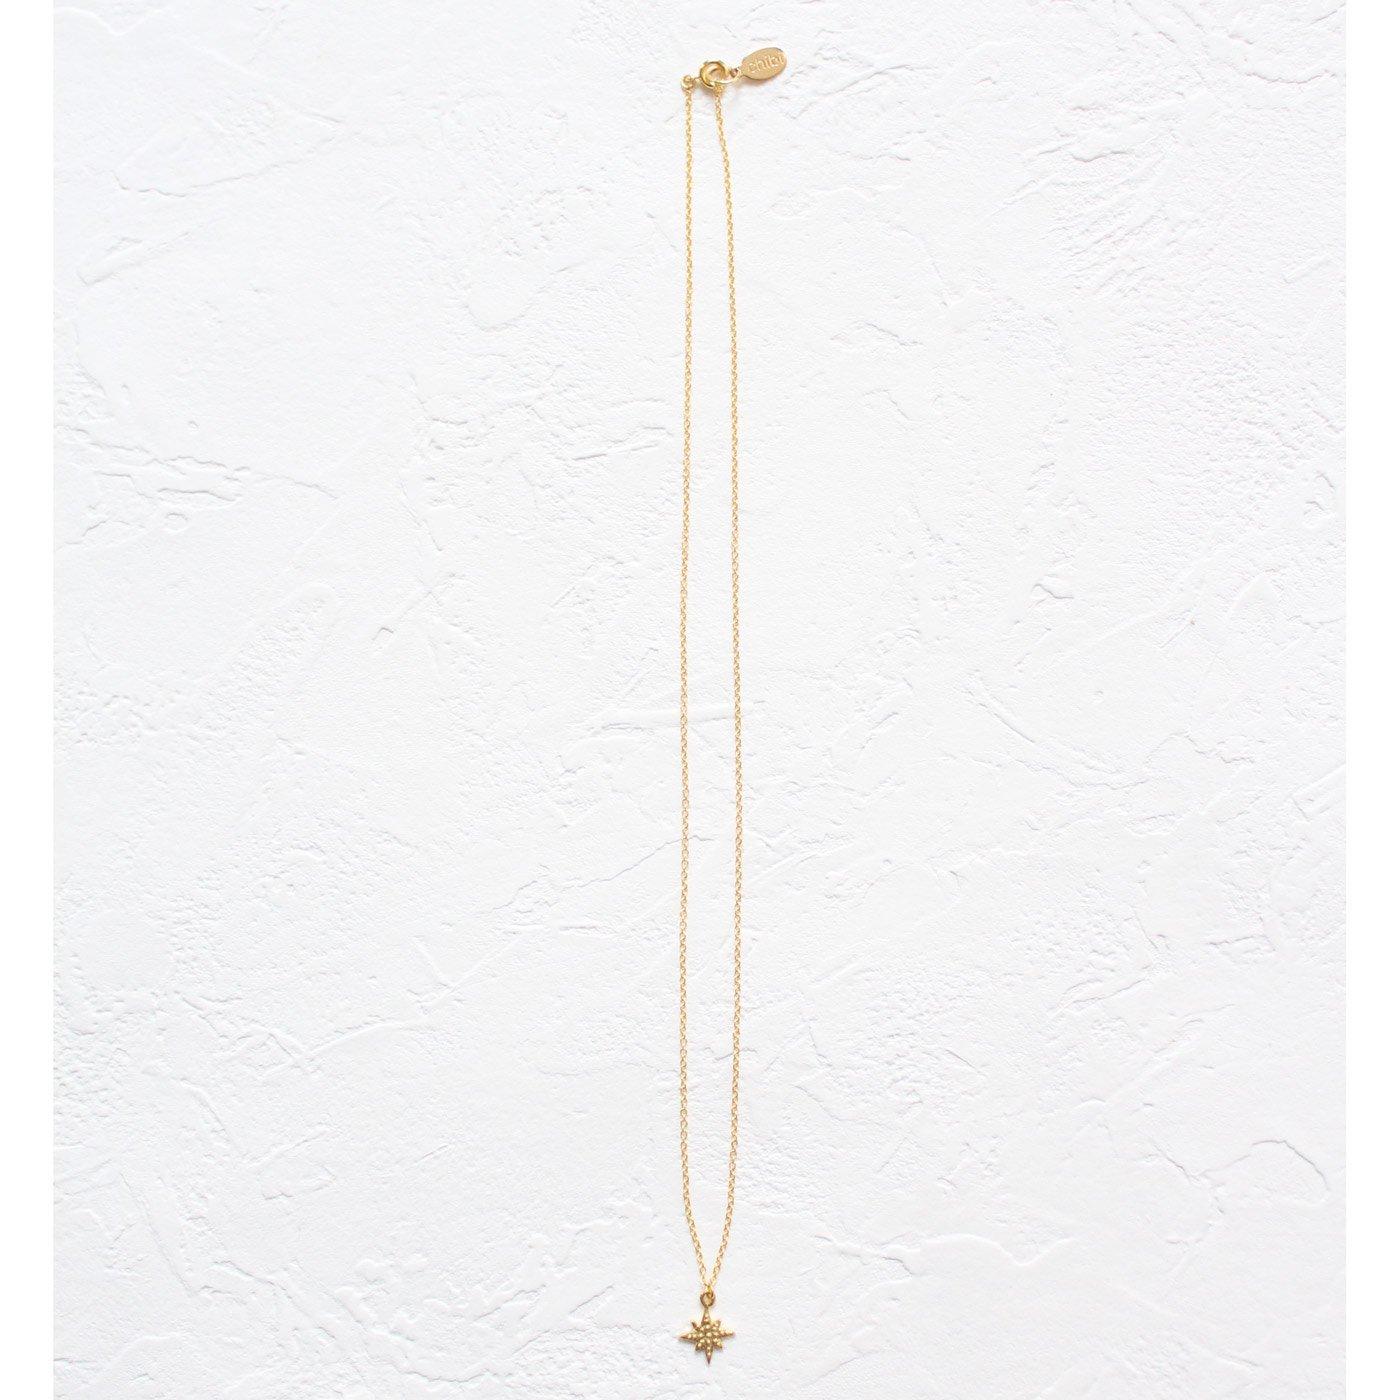 IEDIT[イディット] SELECT chibi jewelsスターモチーフネックレス〈ゴールド〉